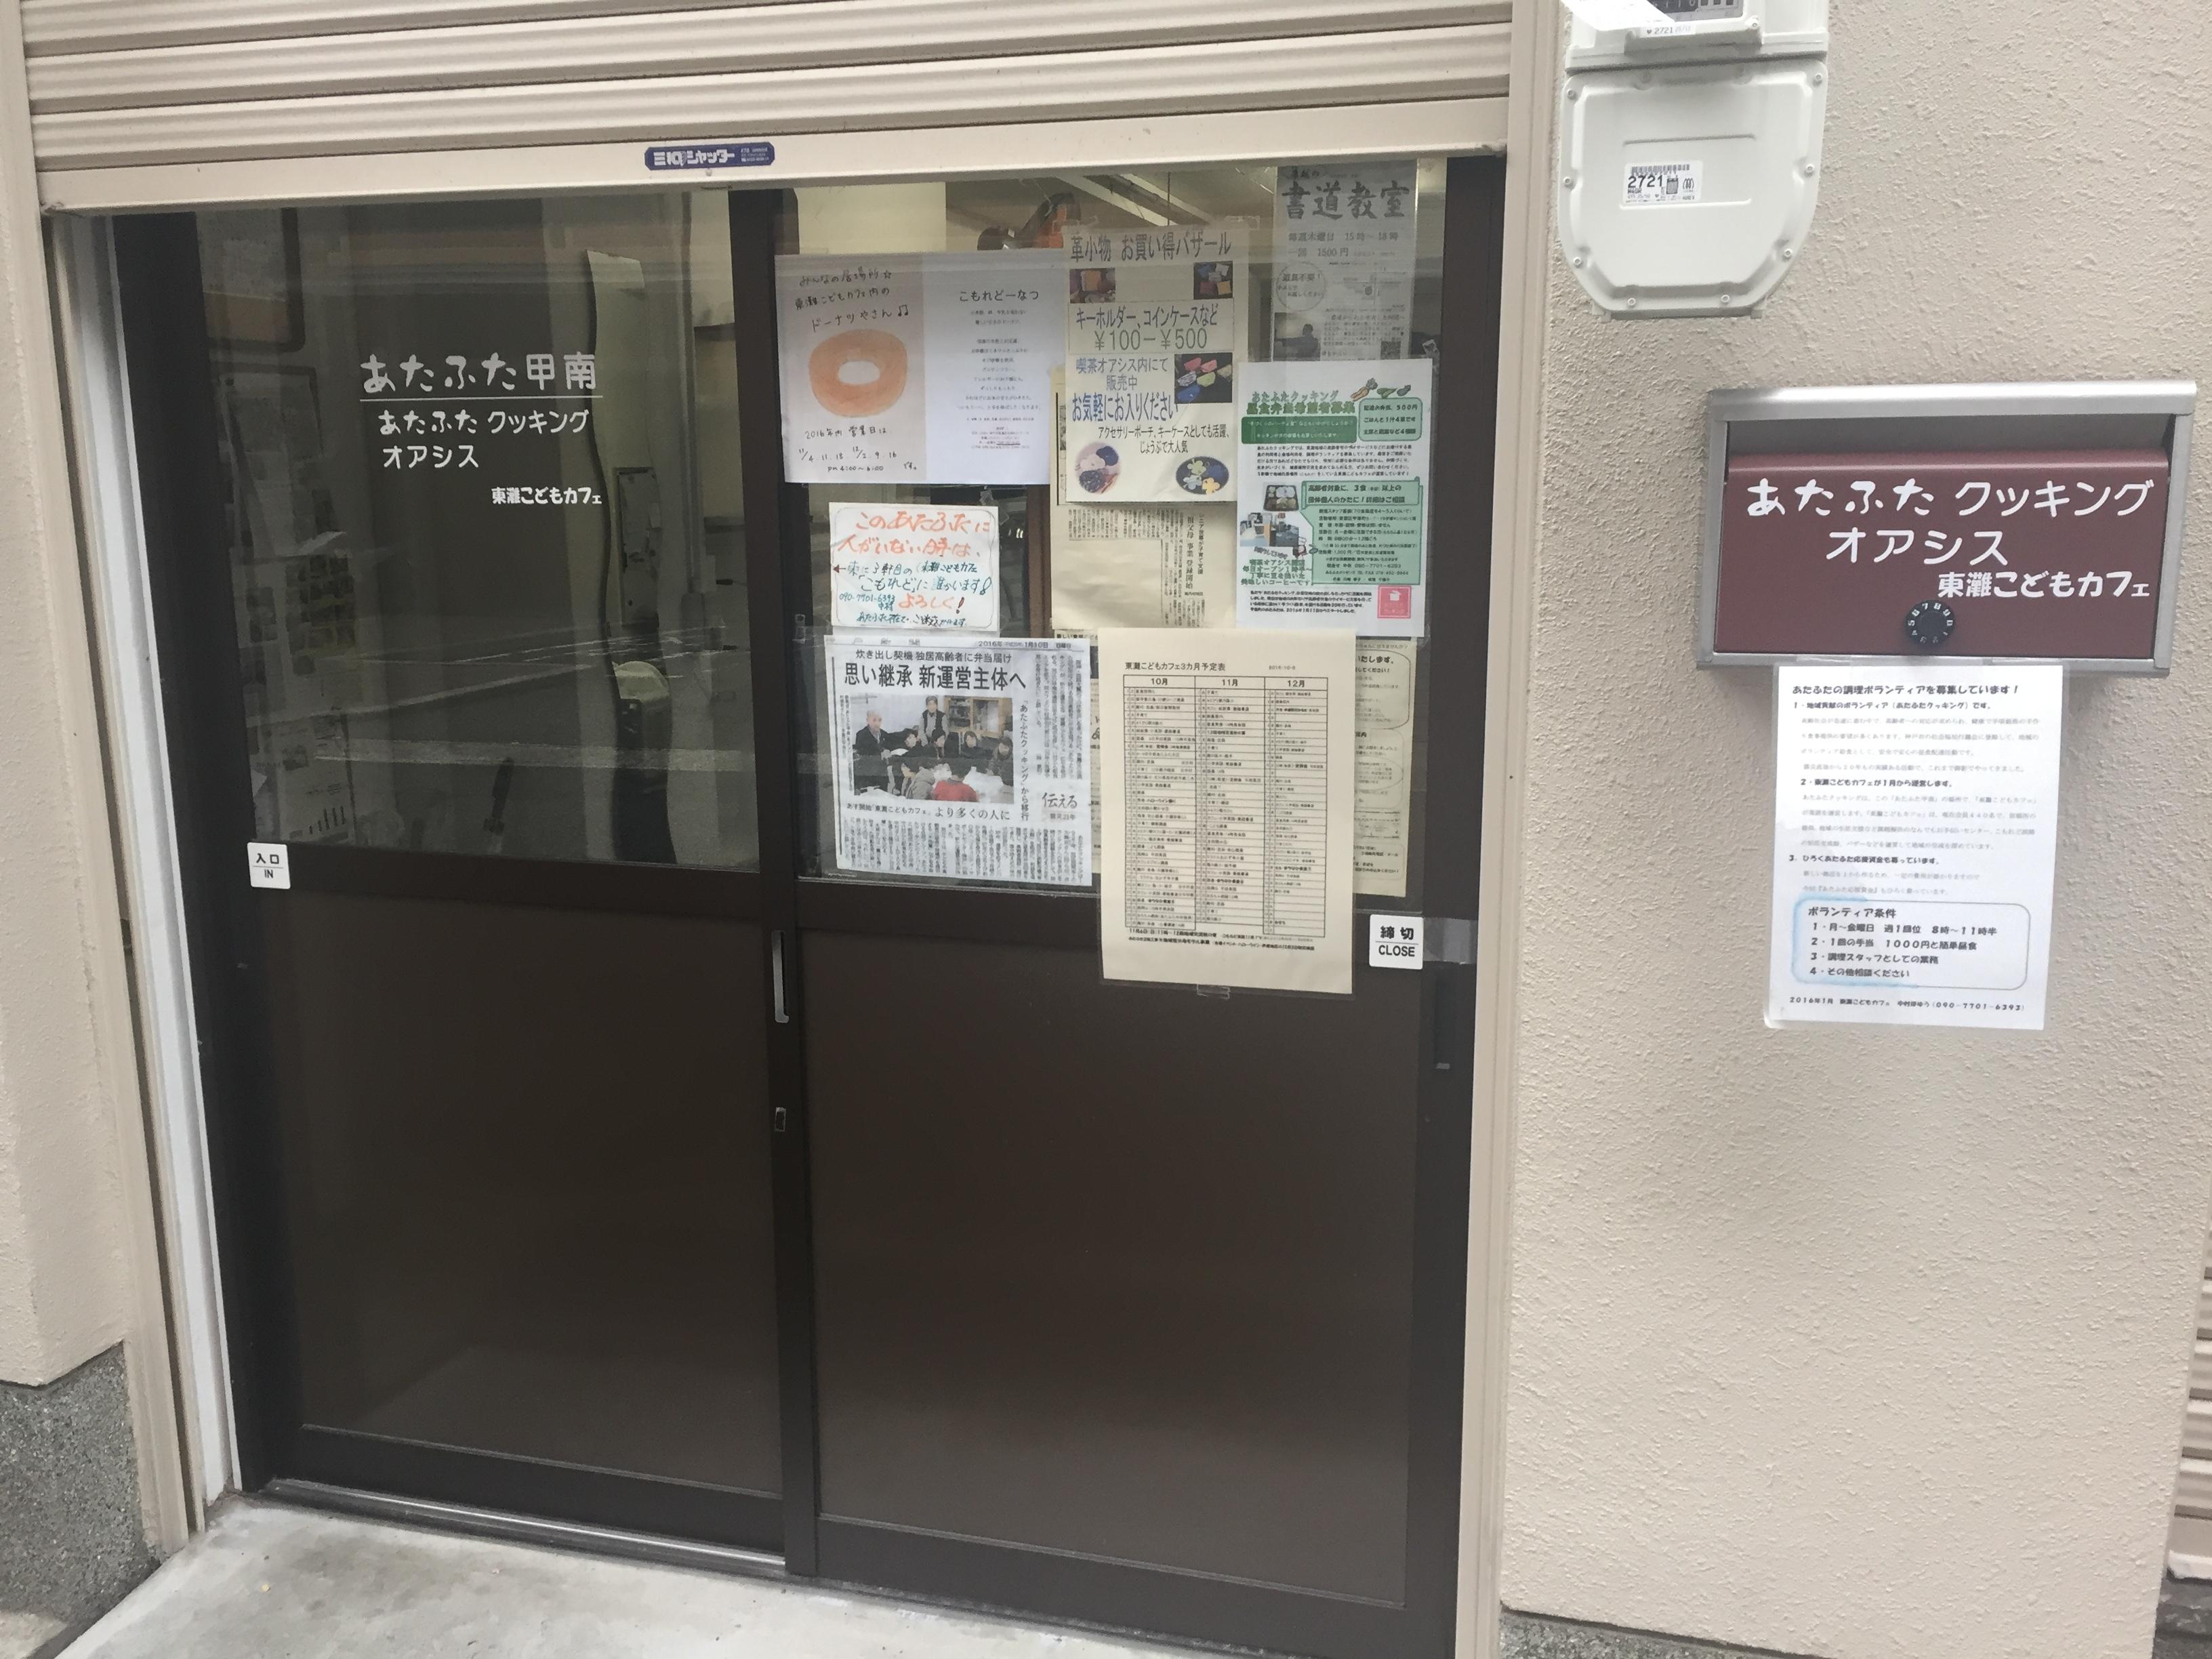 神戸・甲南本通にある「甲南まちなかバー」で親子の食事や情報交換ができるよ(東灘こどもカフェ)